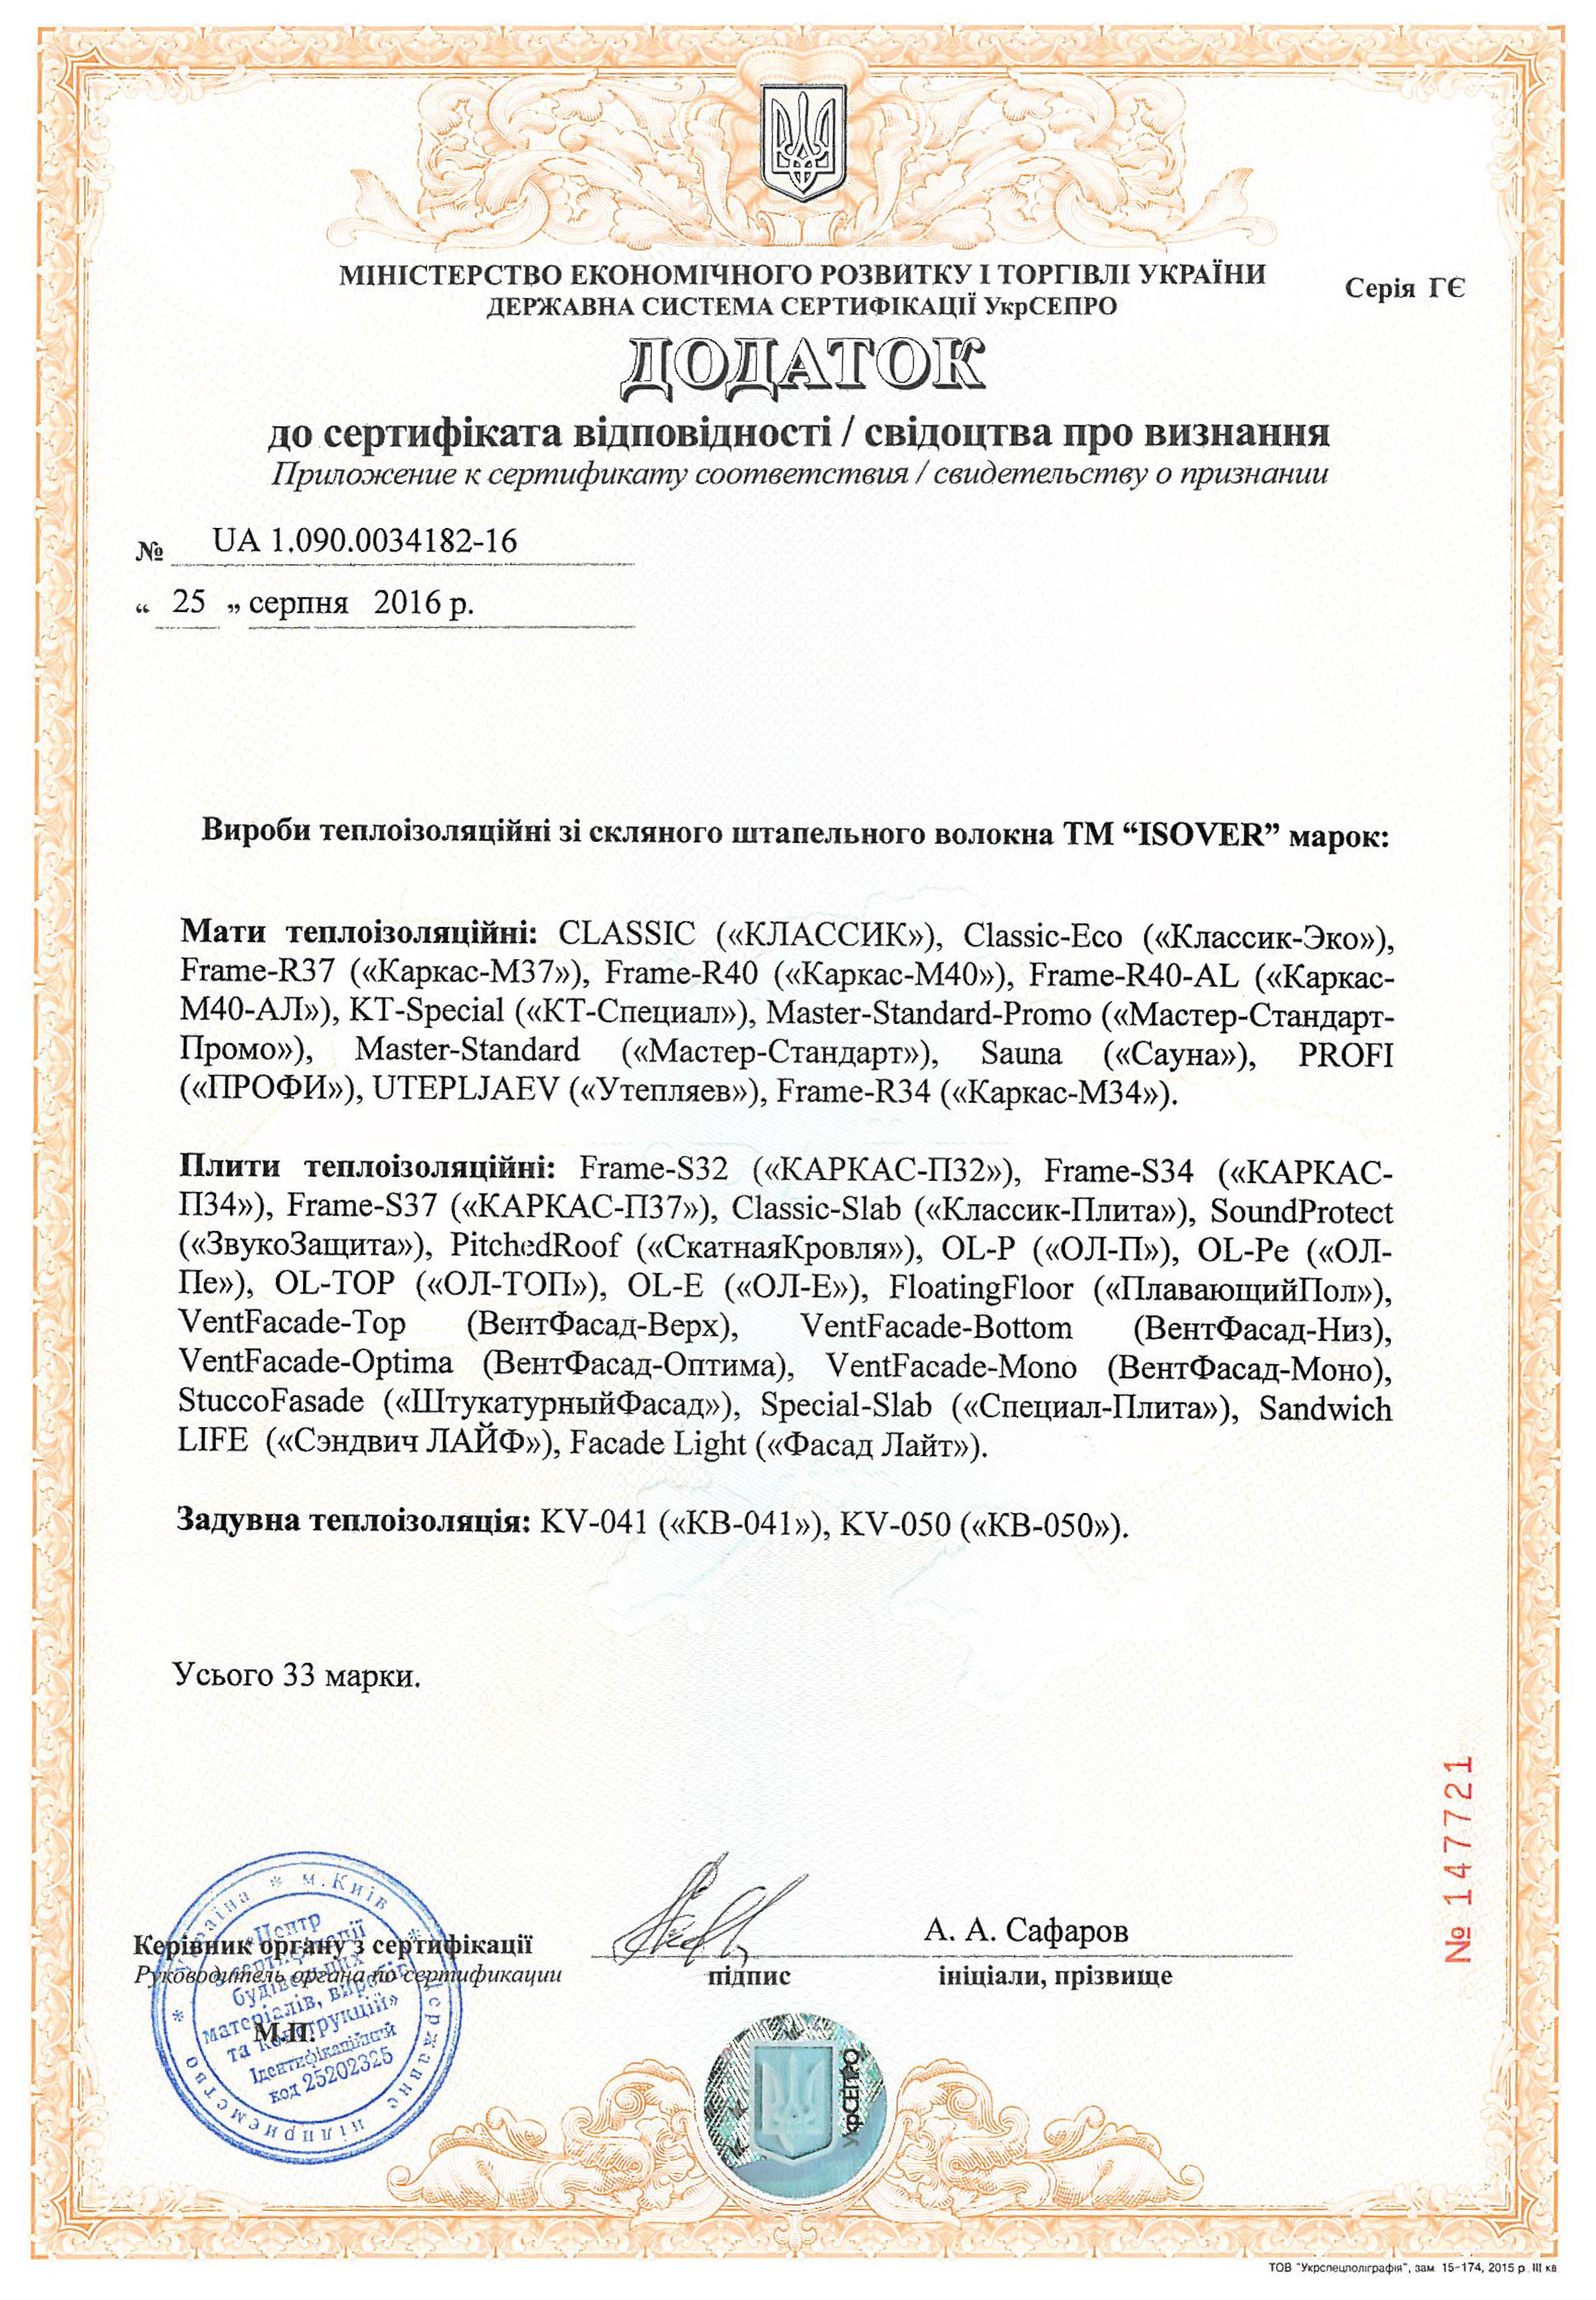 Изовер Сертификат - дополнение